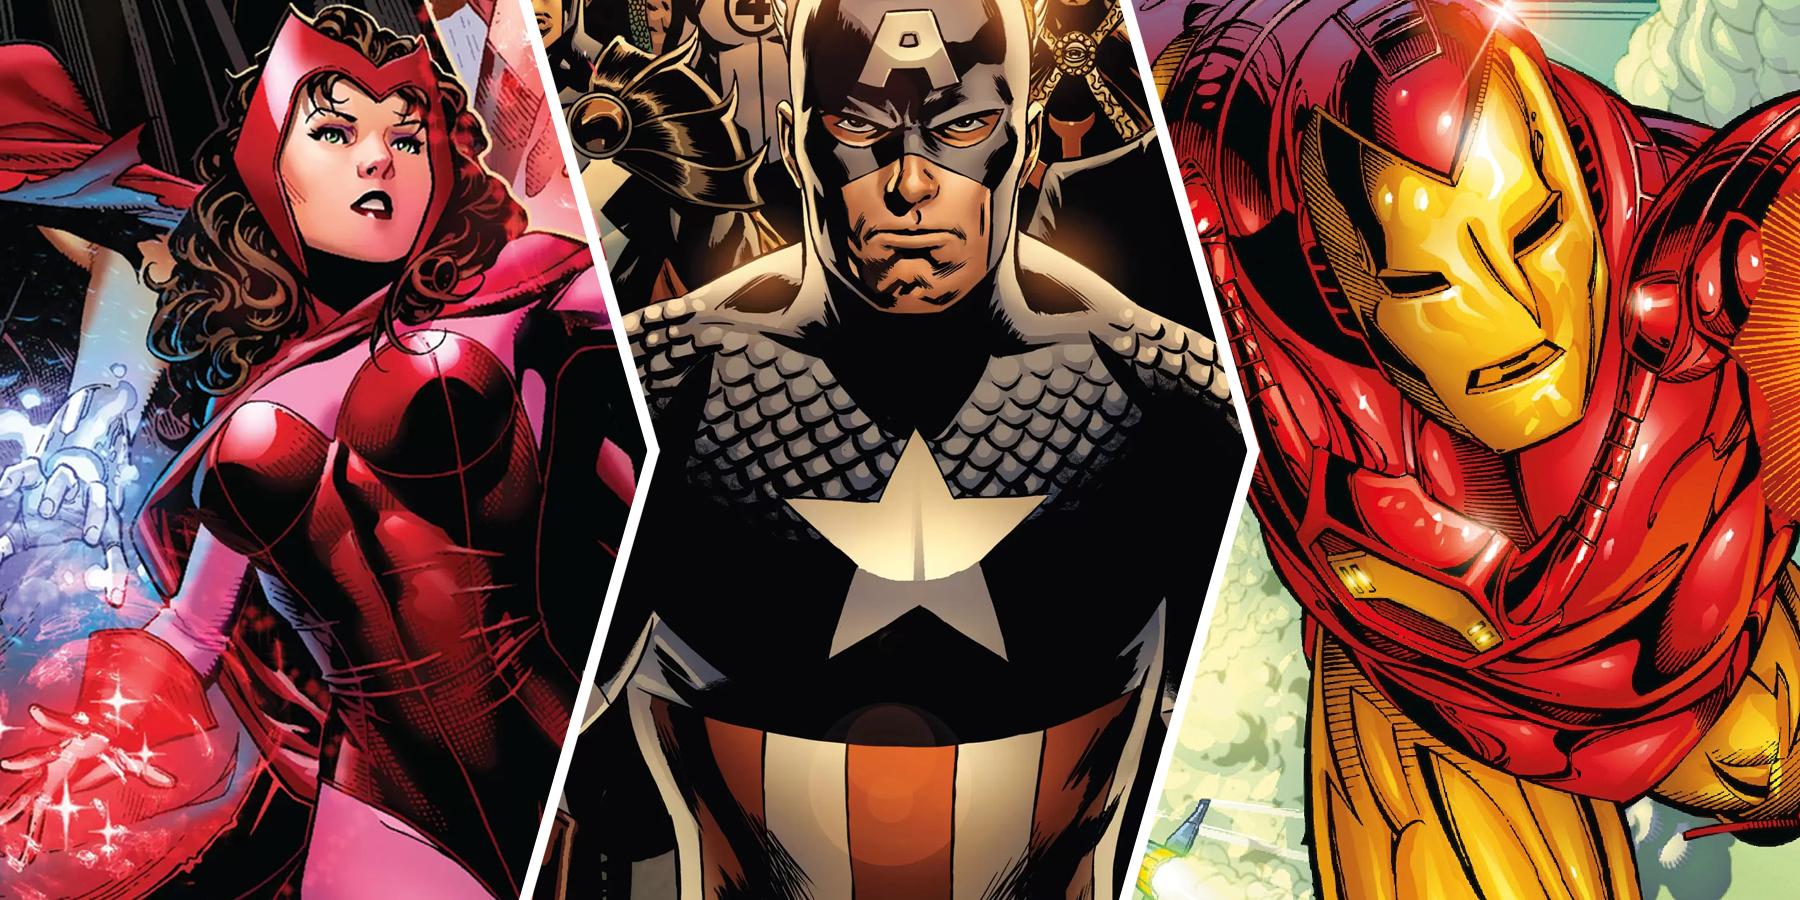 Avengers Pinterest: Avengers Disassemble: The 15 Worst Things The Avengers